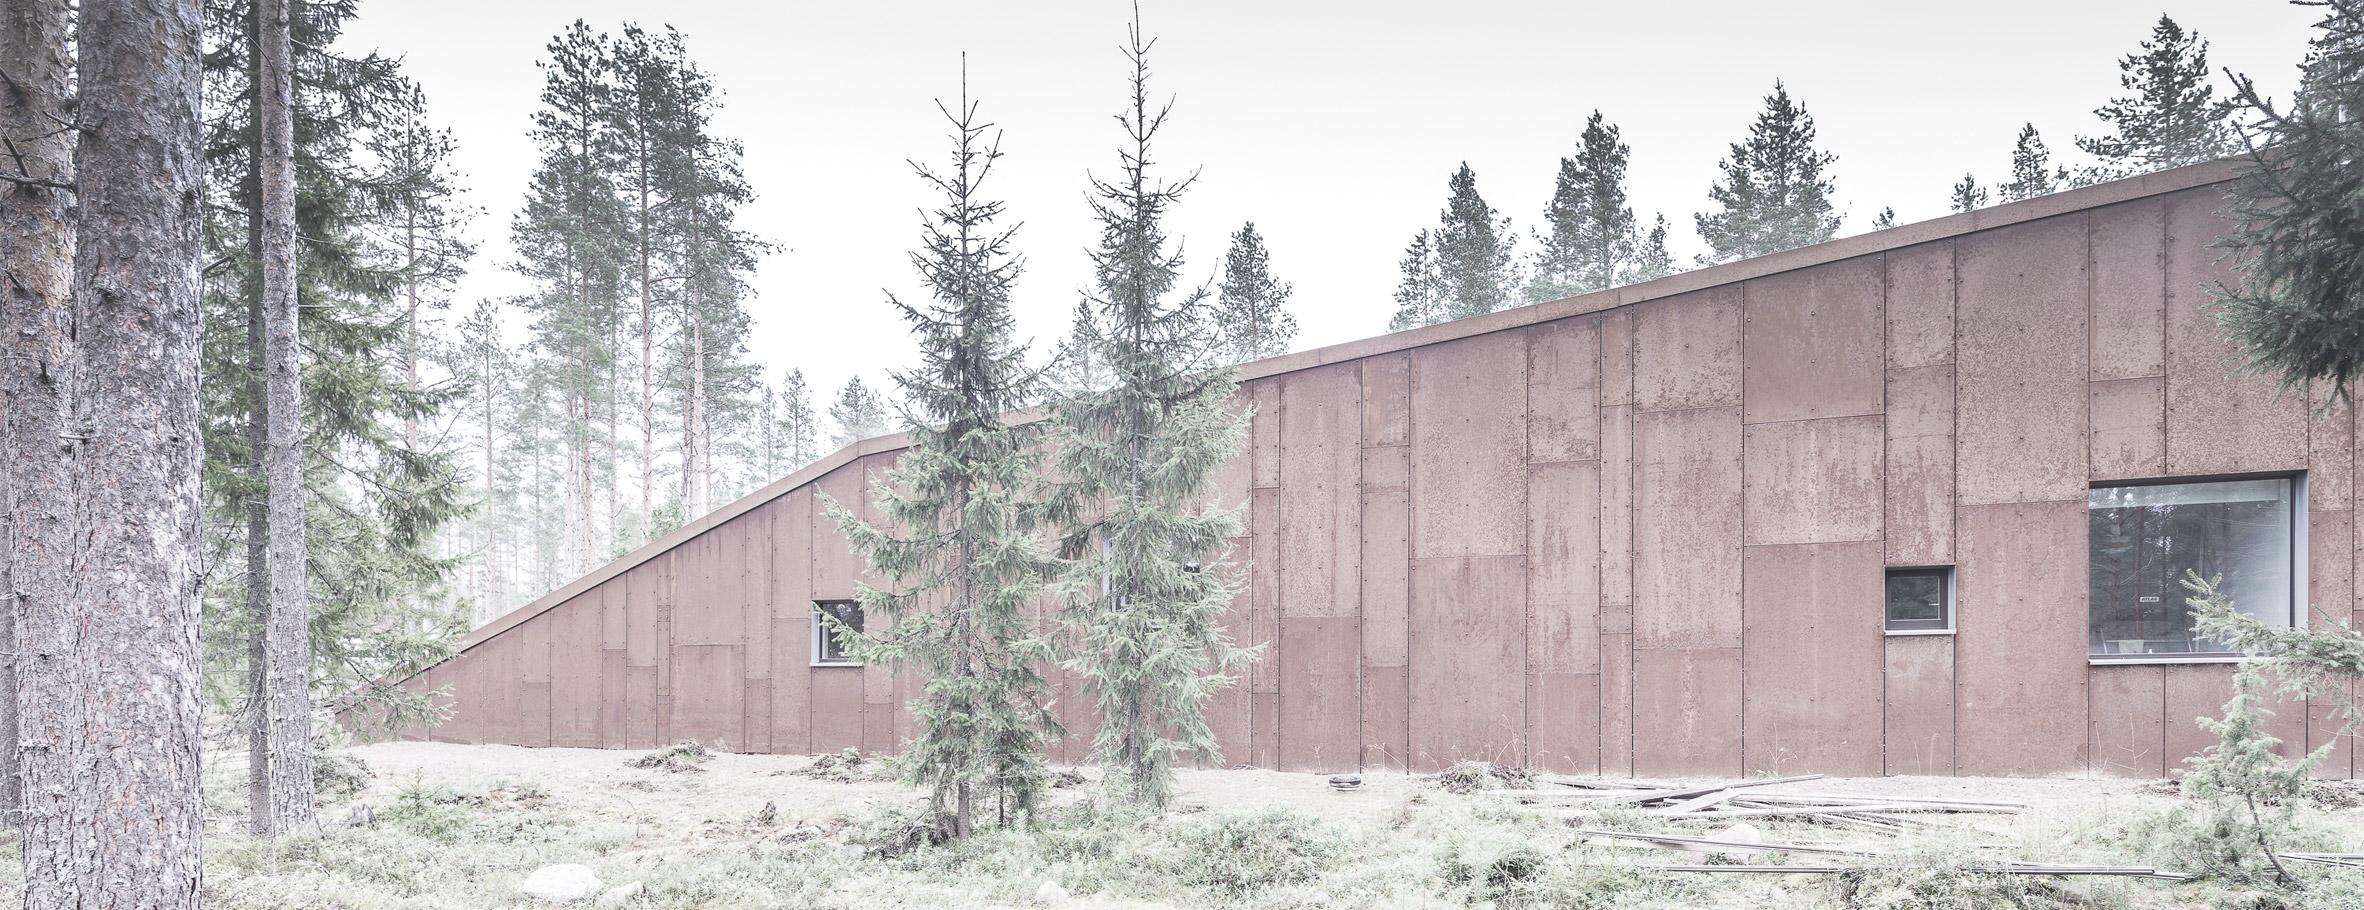 finsky-dum-v-lese-8